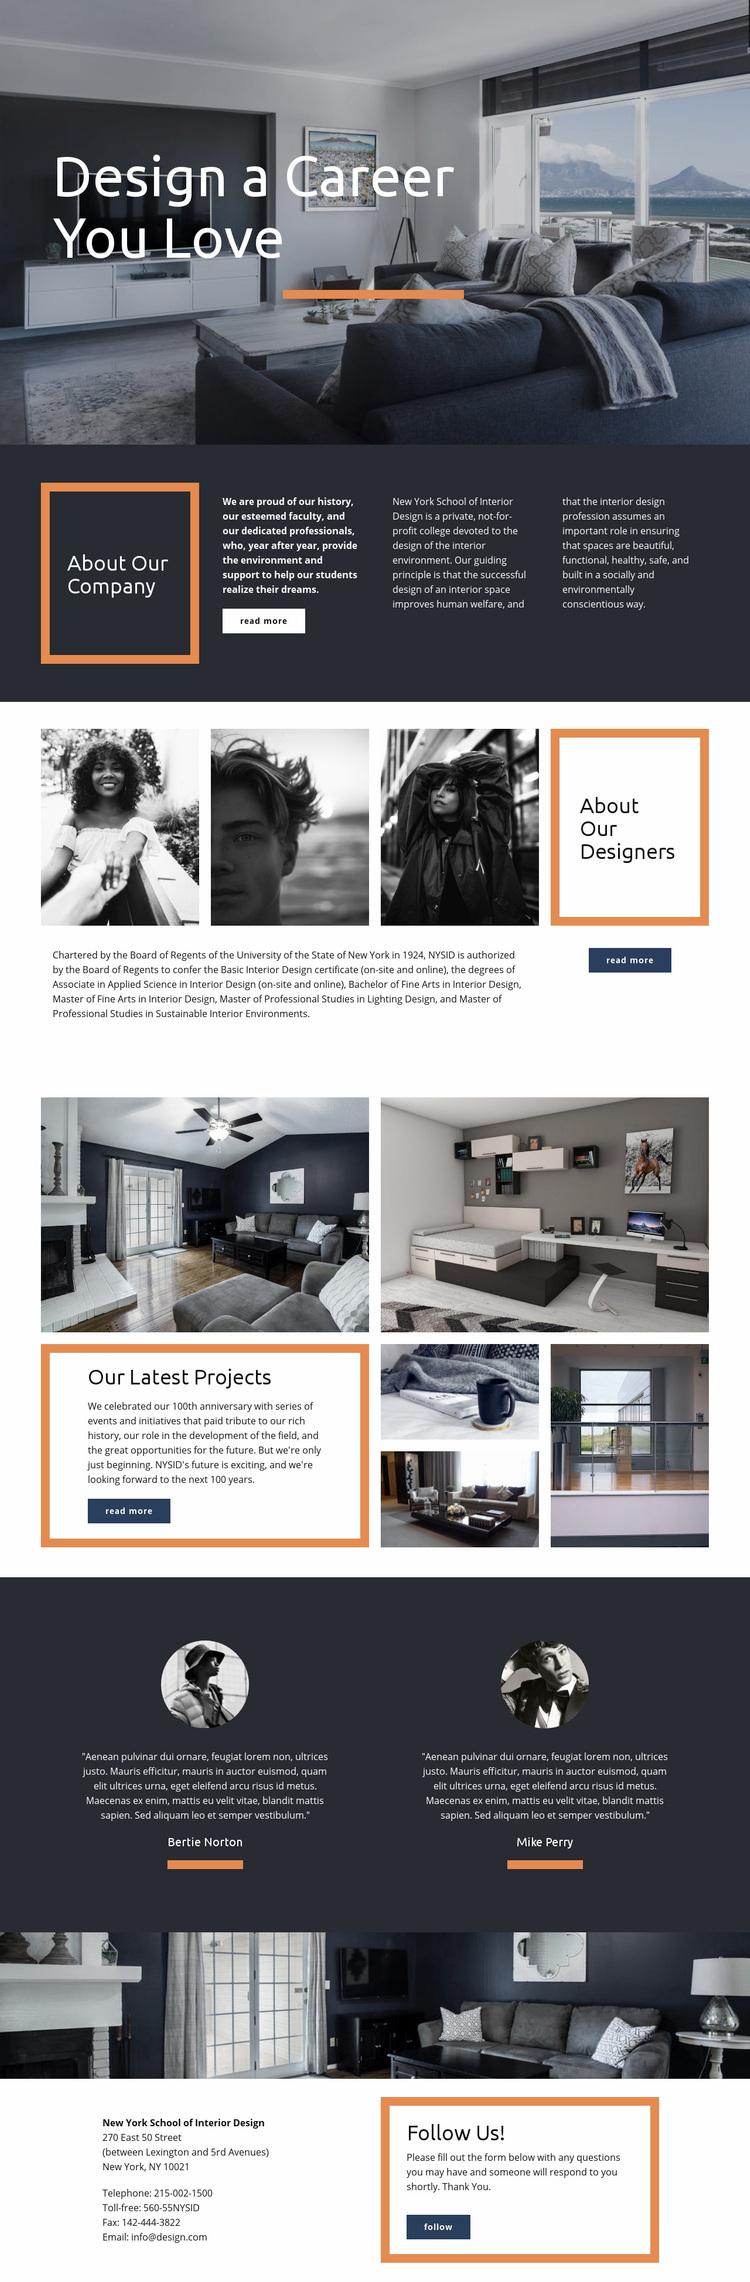 Design a Career You Love Web Page Designer